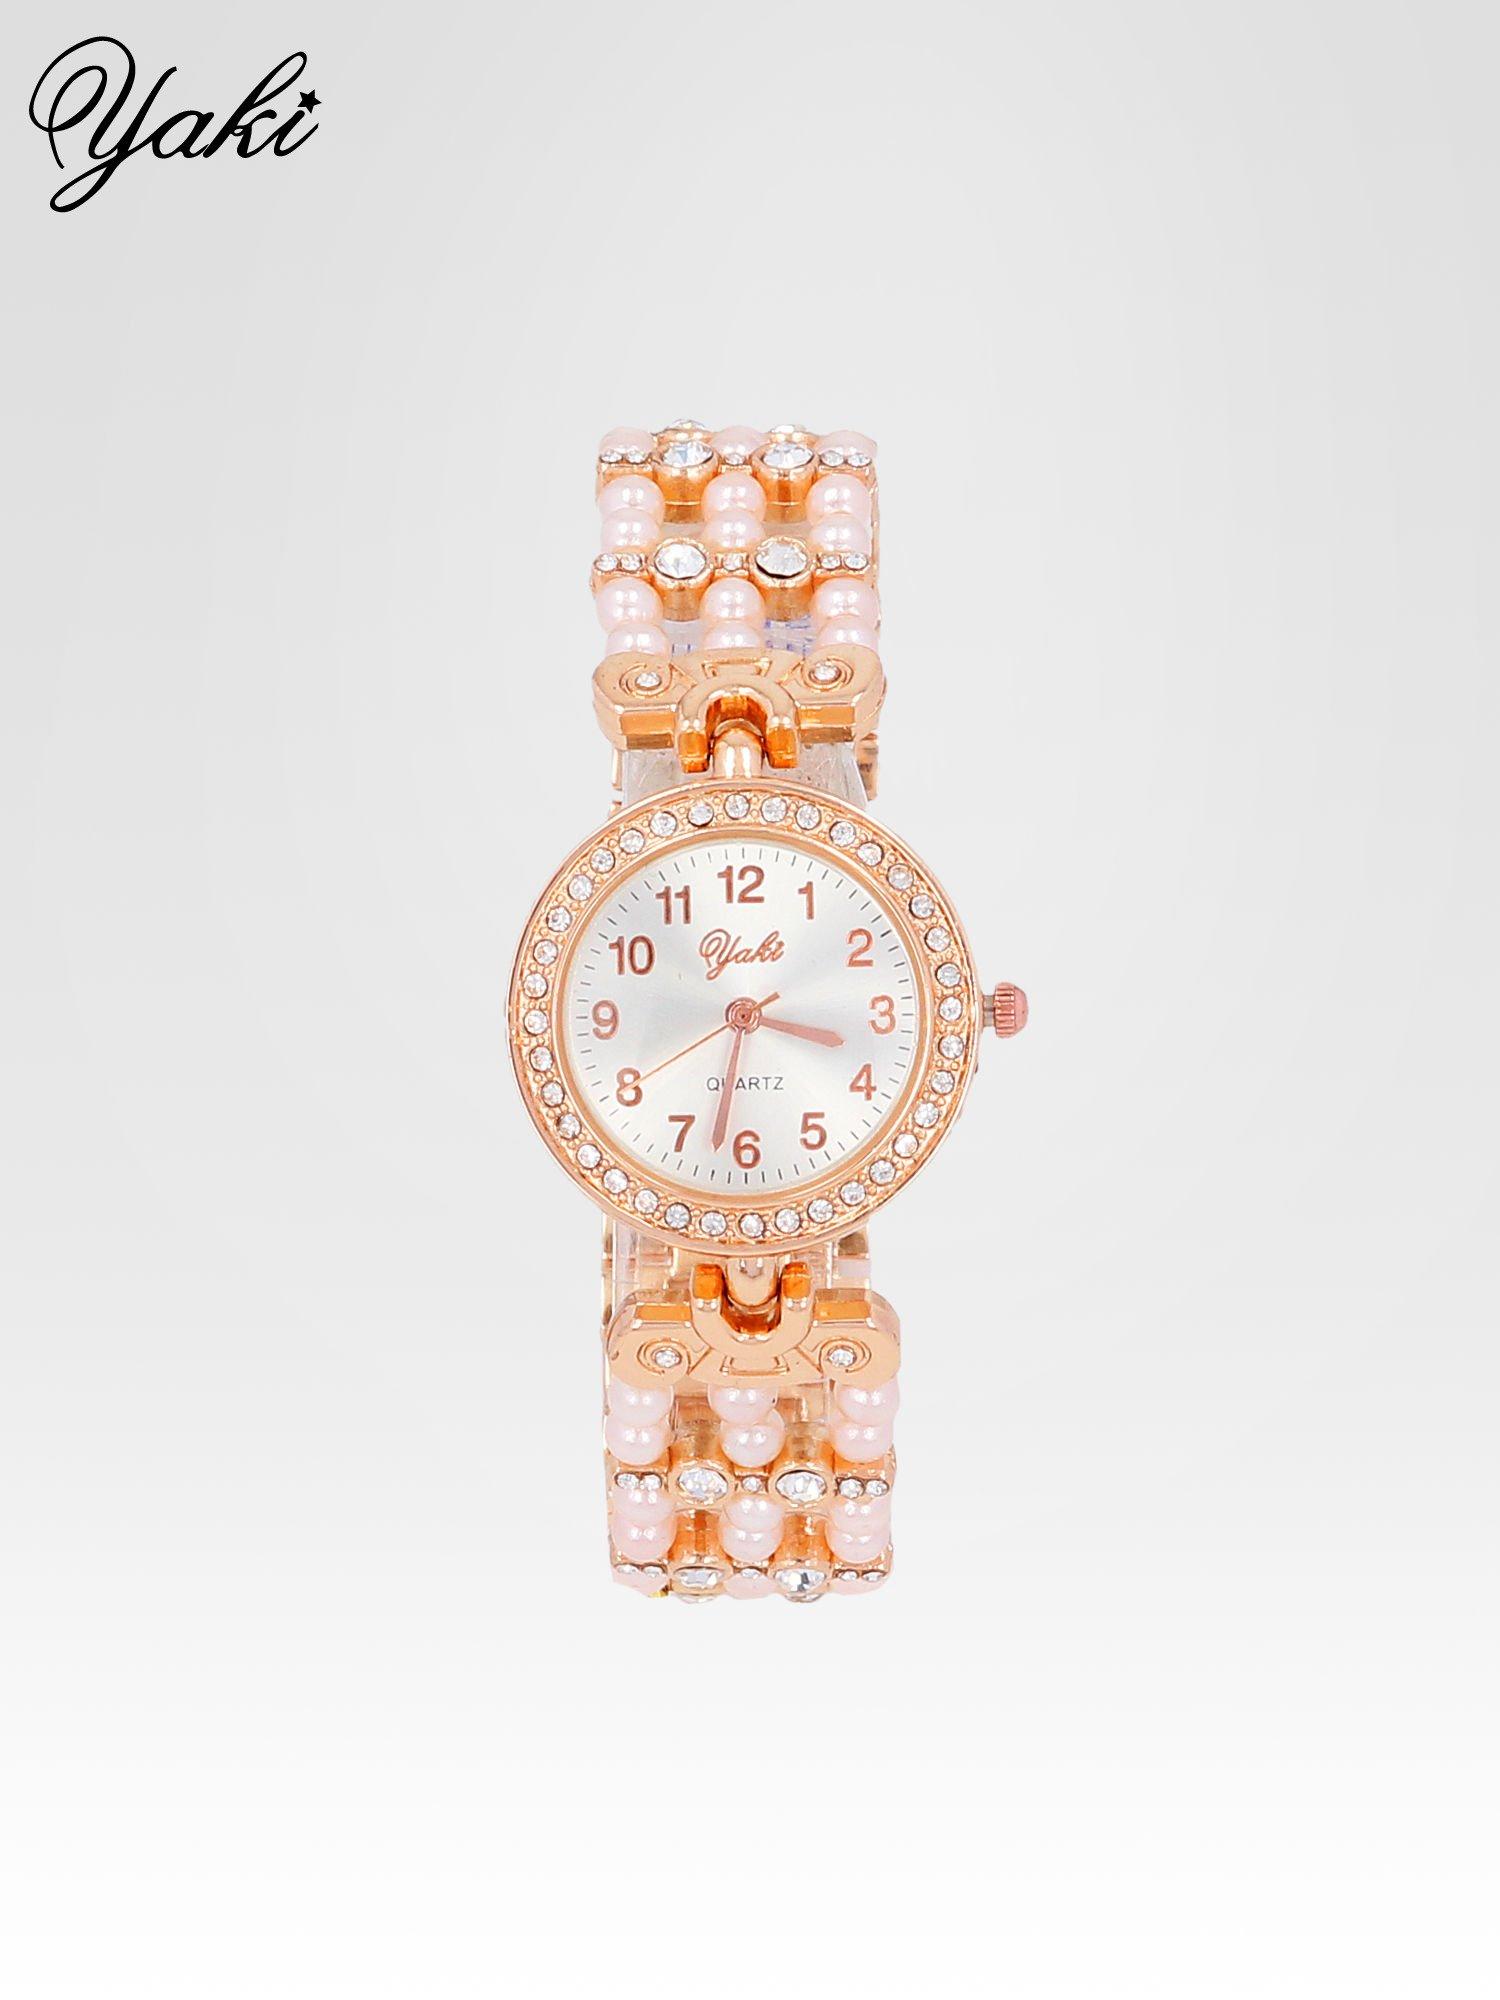 Biżuteryjny zegarek na bransolecie z cyrkoniami w kolorze różowego złota                                  zdj.                                  1